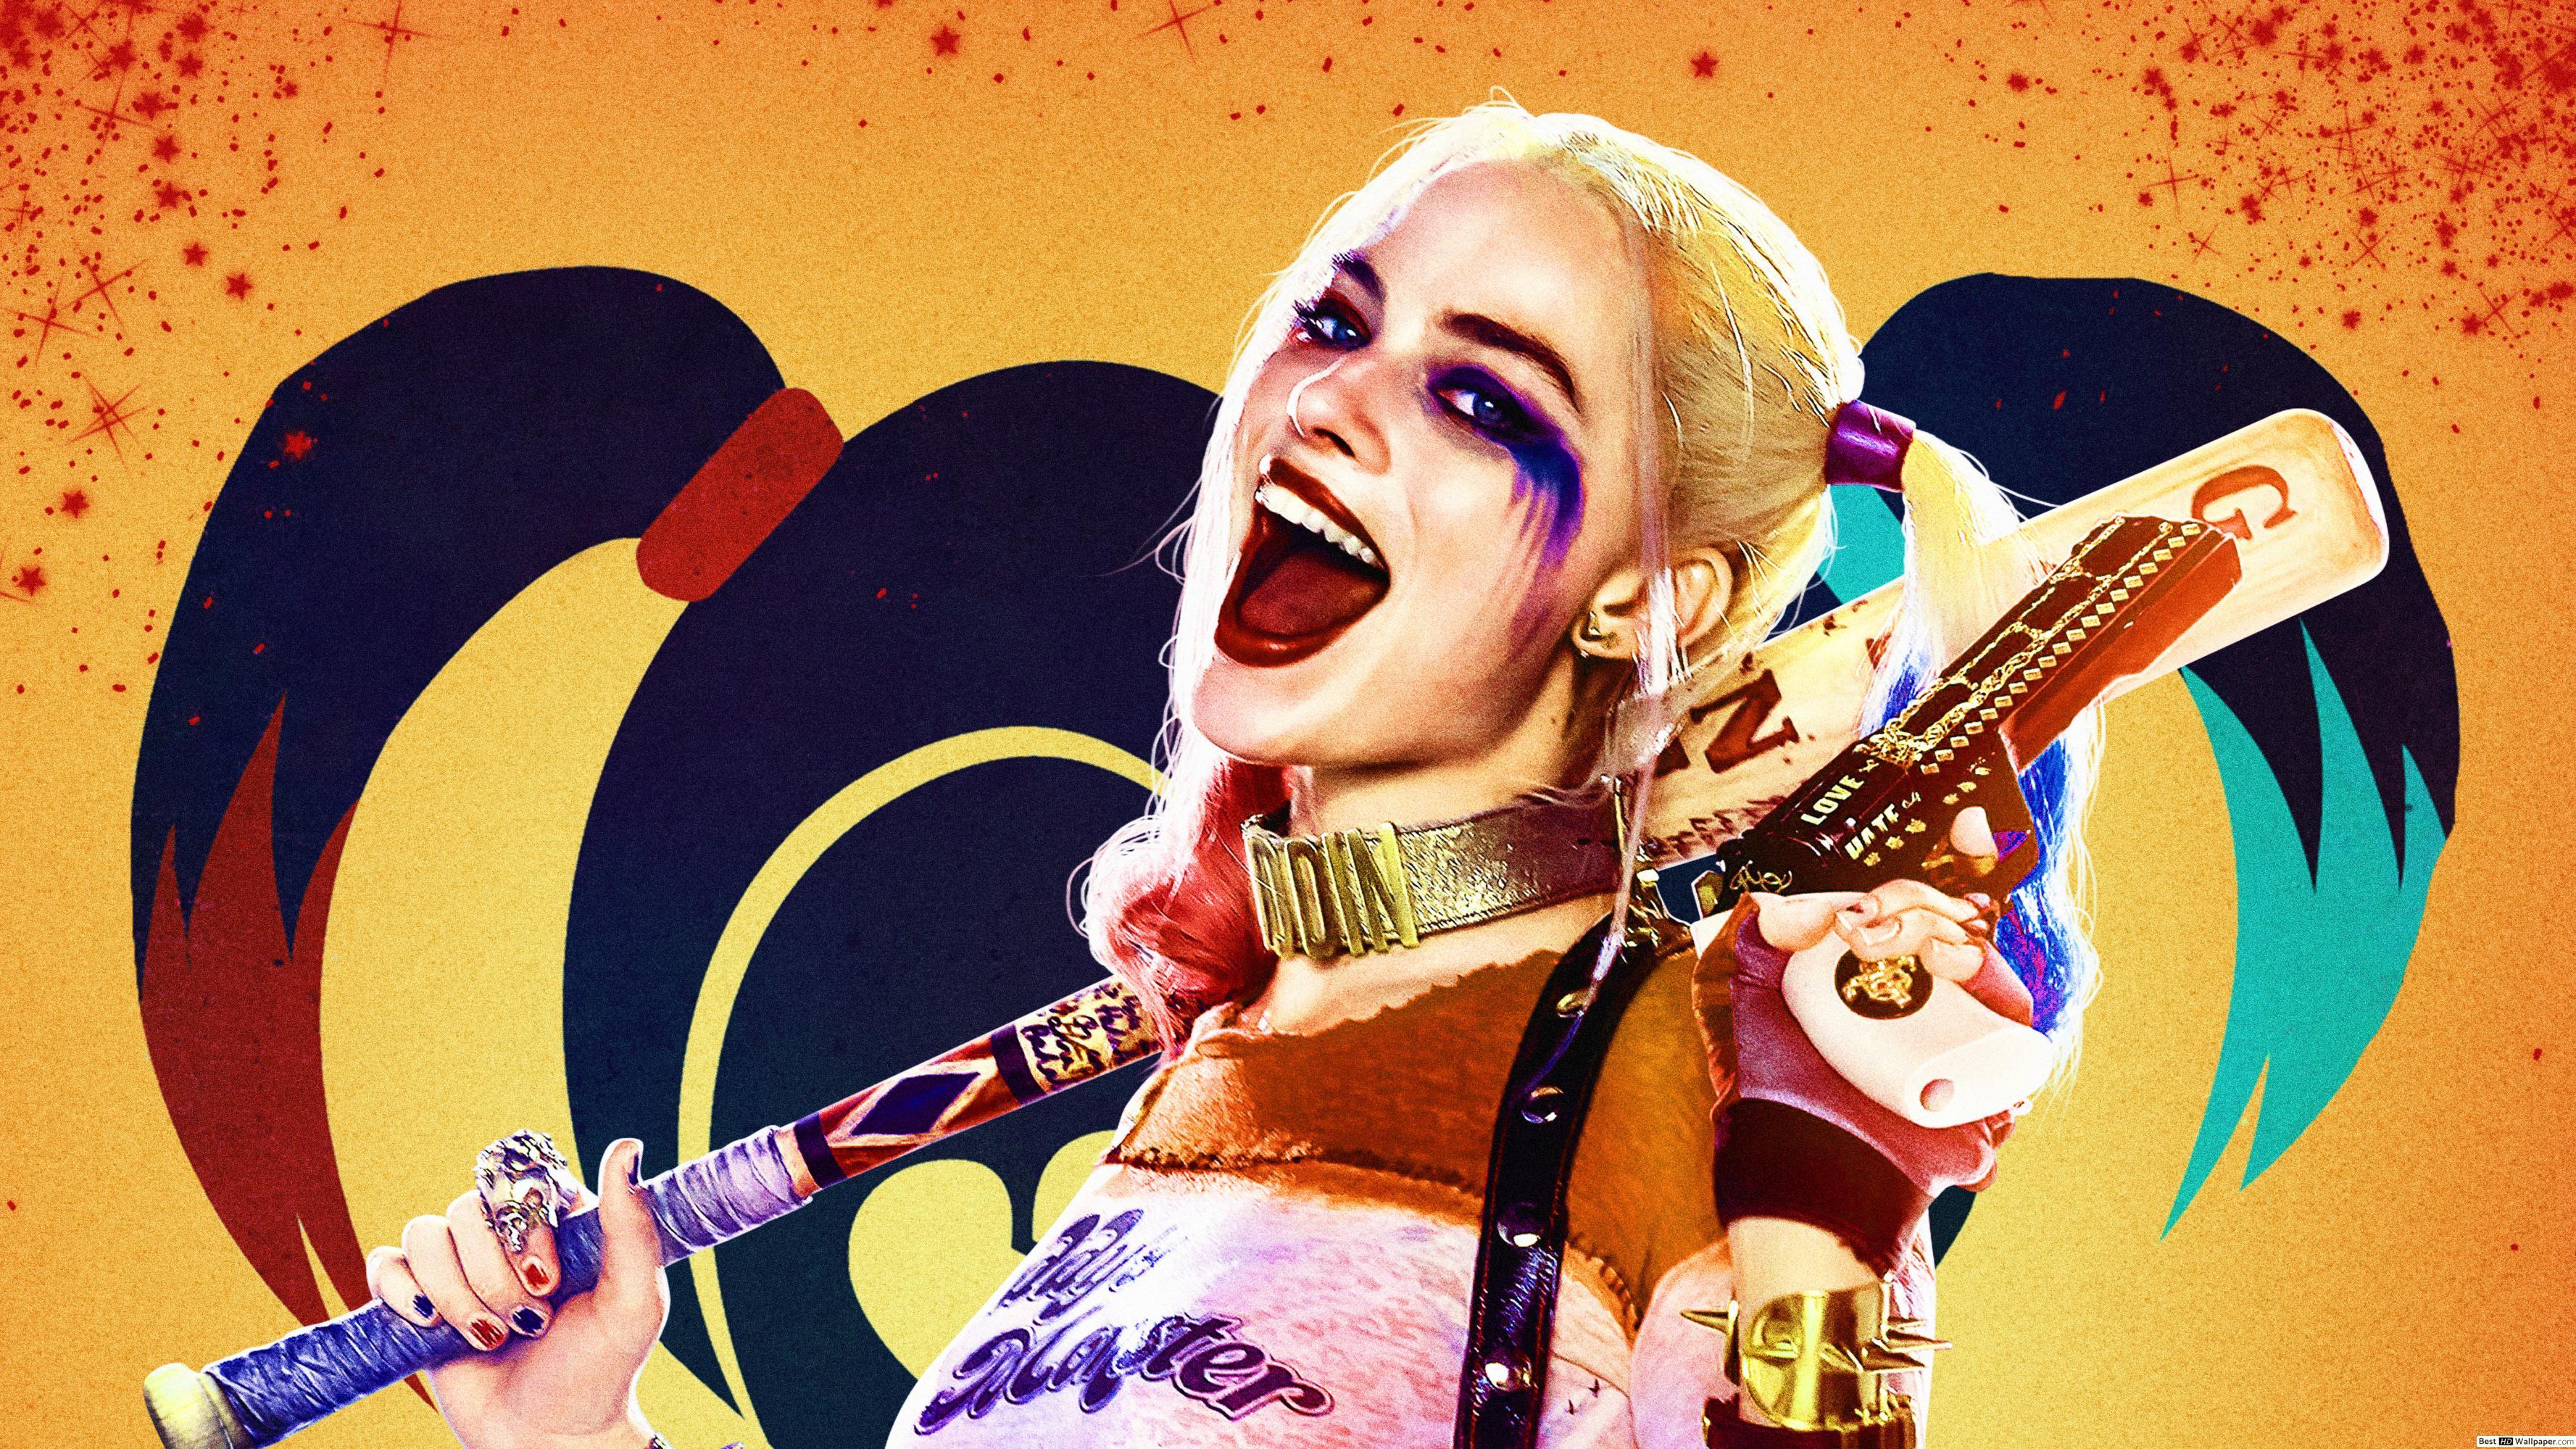 Kolejny film o Harley Quinn w drodze? Mają już trwać rozmowy